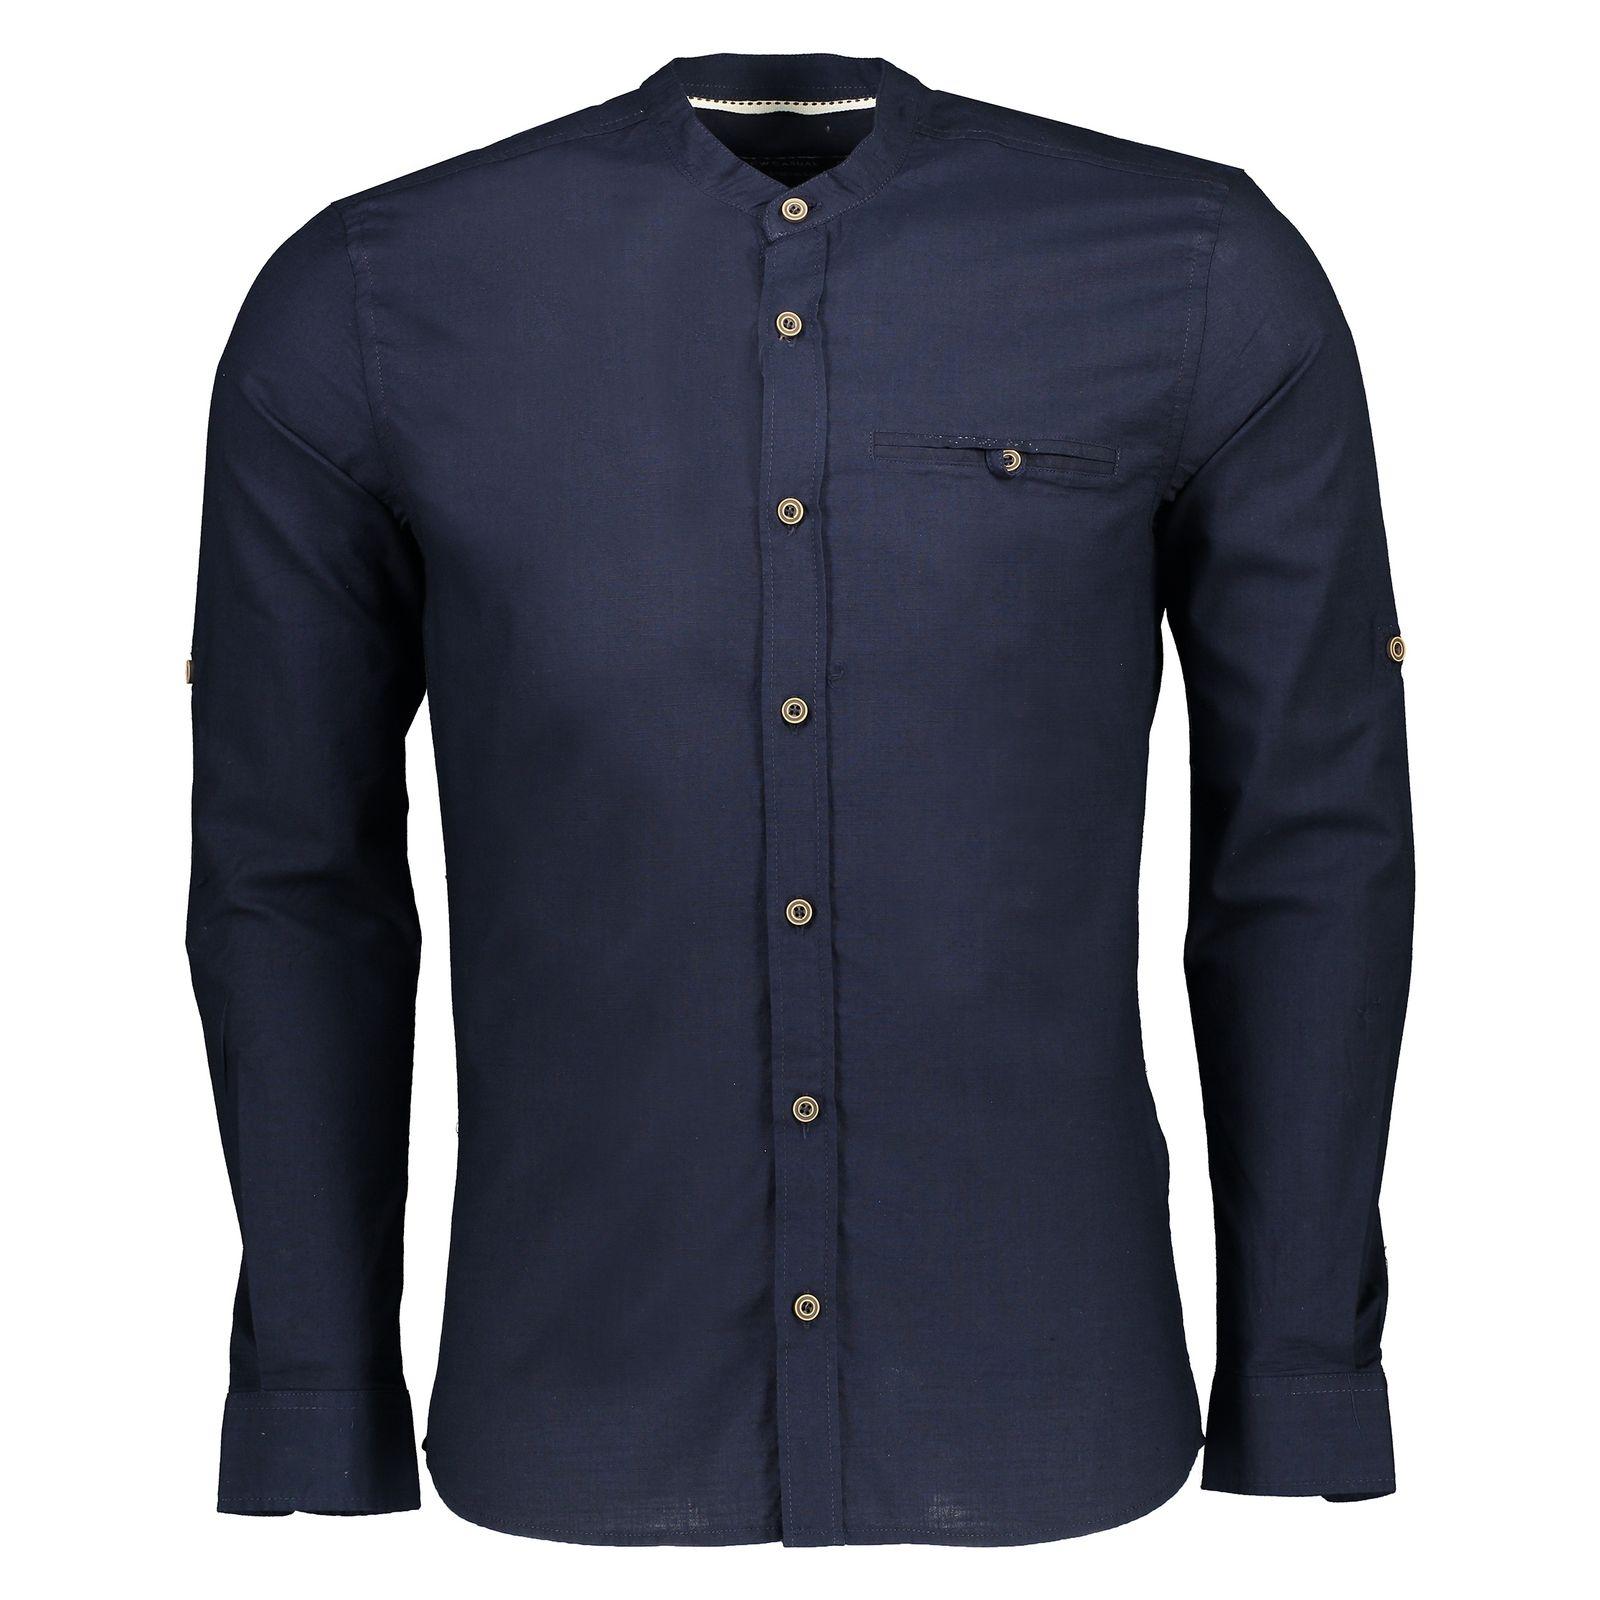 پیراهن مردانه ال سی وایکیکی مدل 9SJ537G8-CRP -  - 2